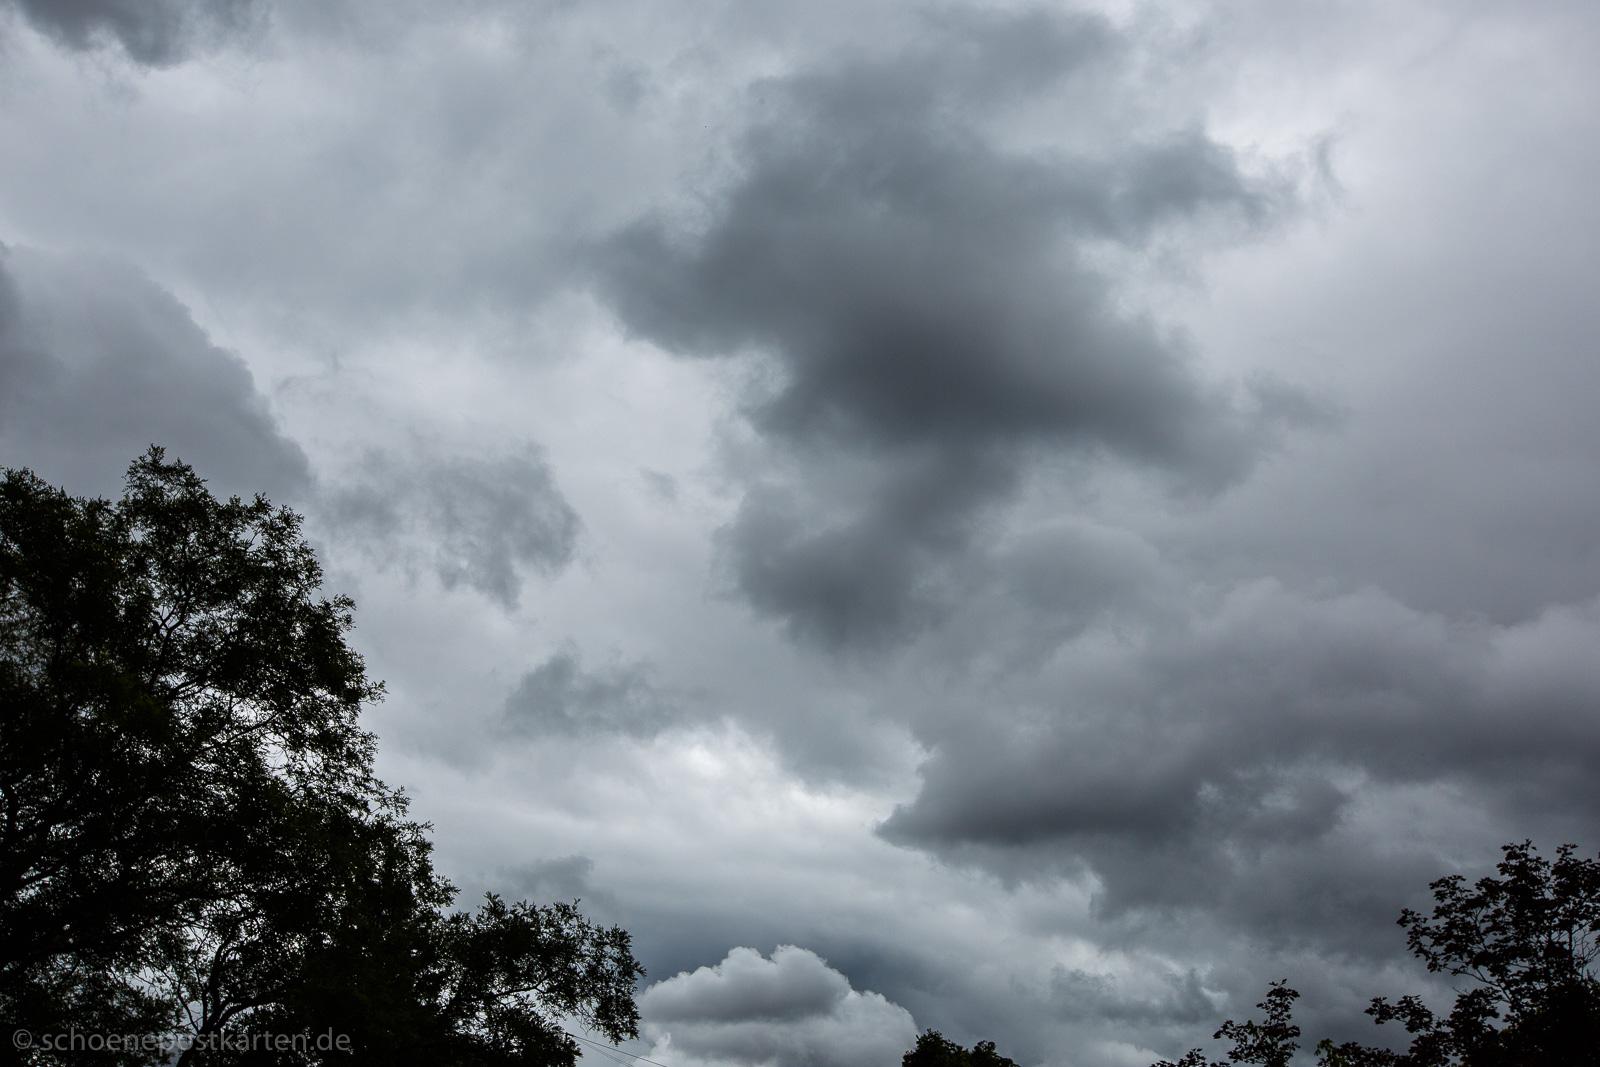 Sumpfwetterlage nennen es Meteorologen. Was würde Issa zu diesem Himmelgrau dichten?